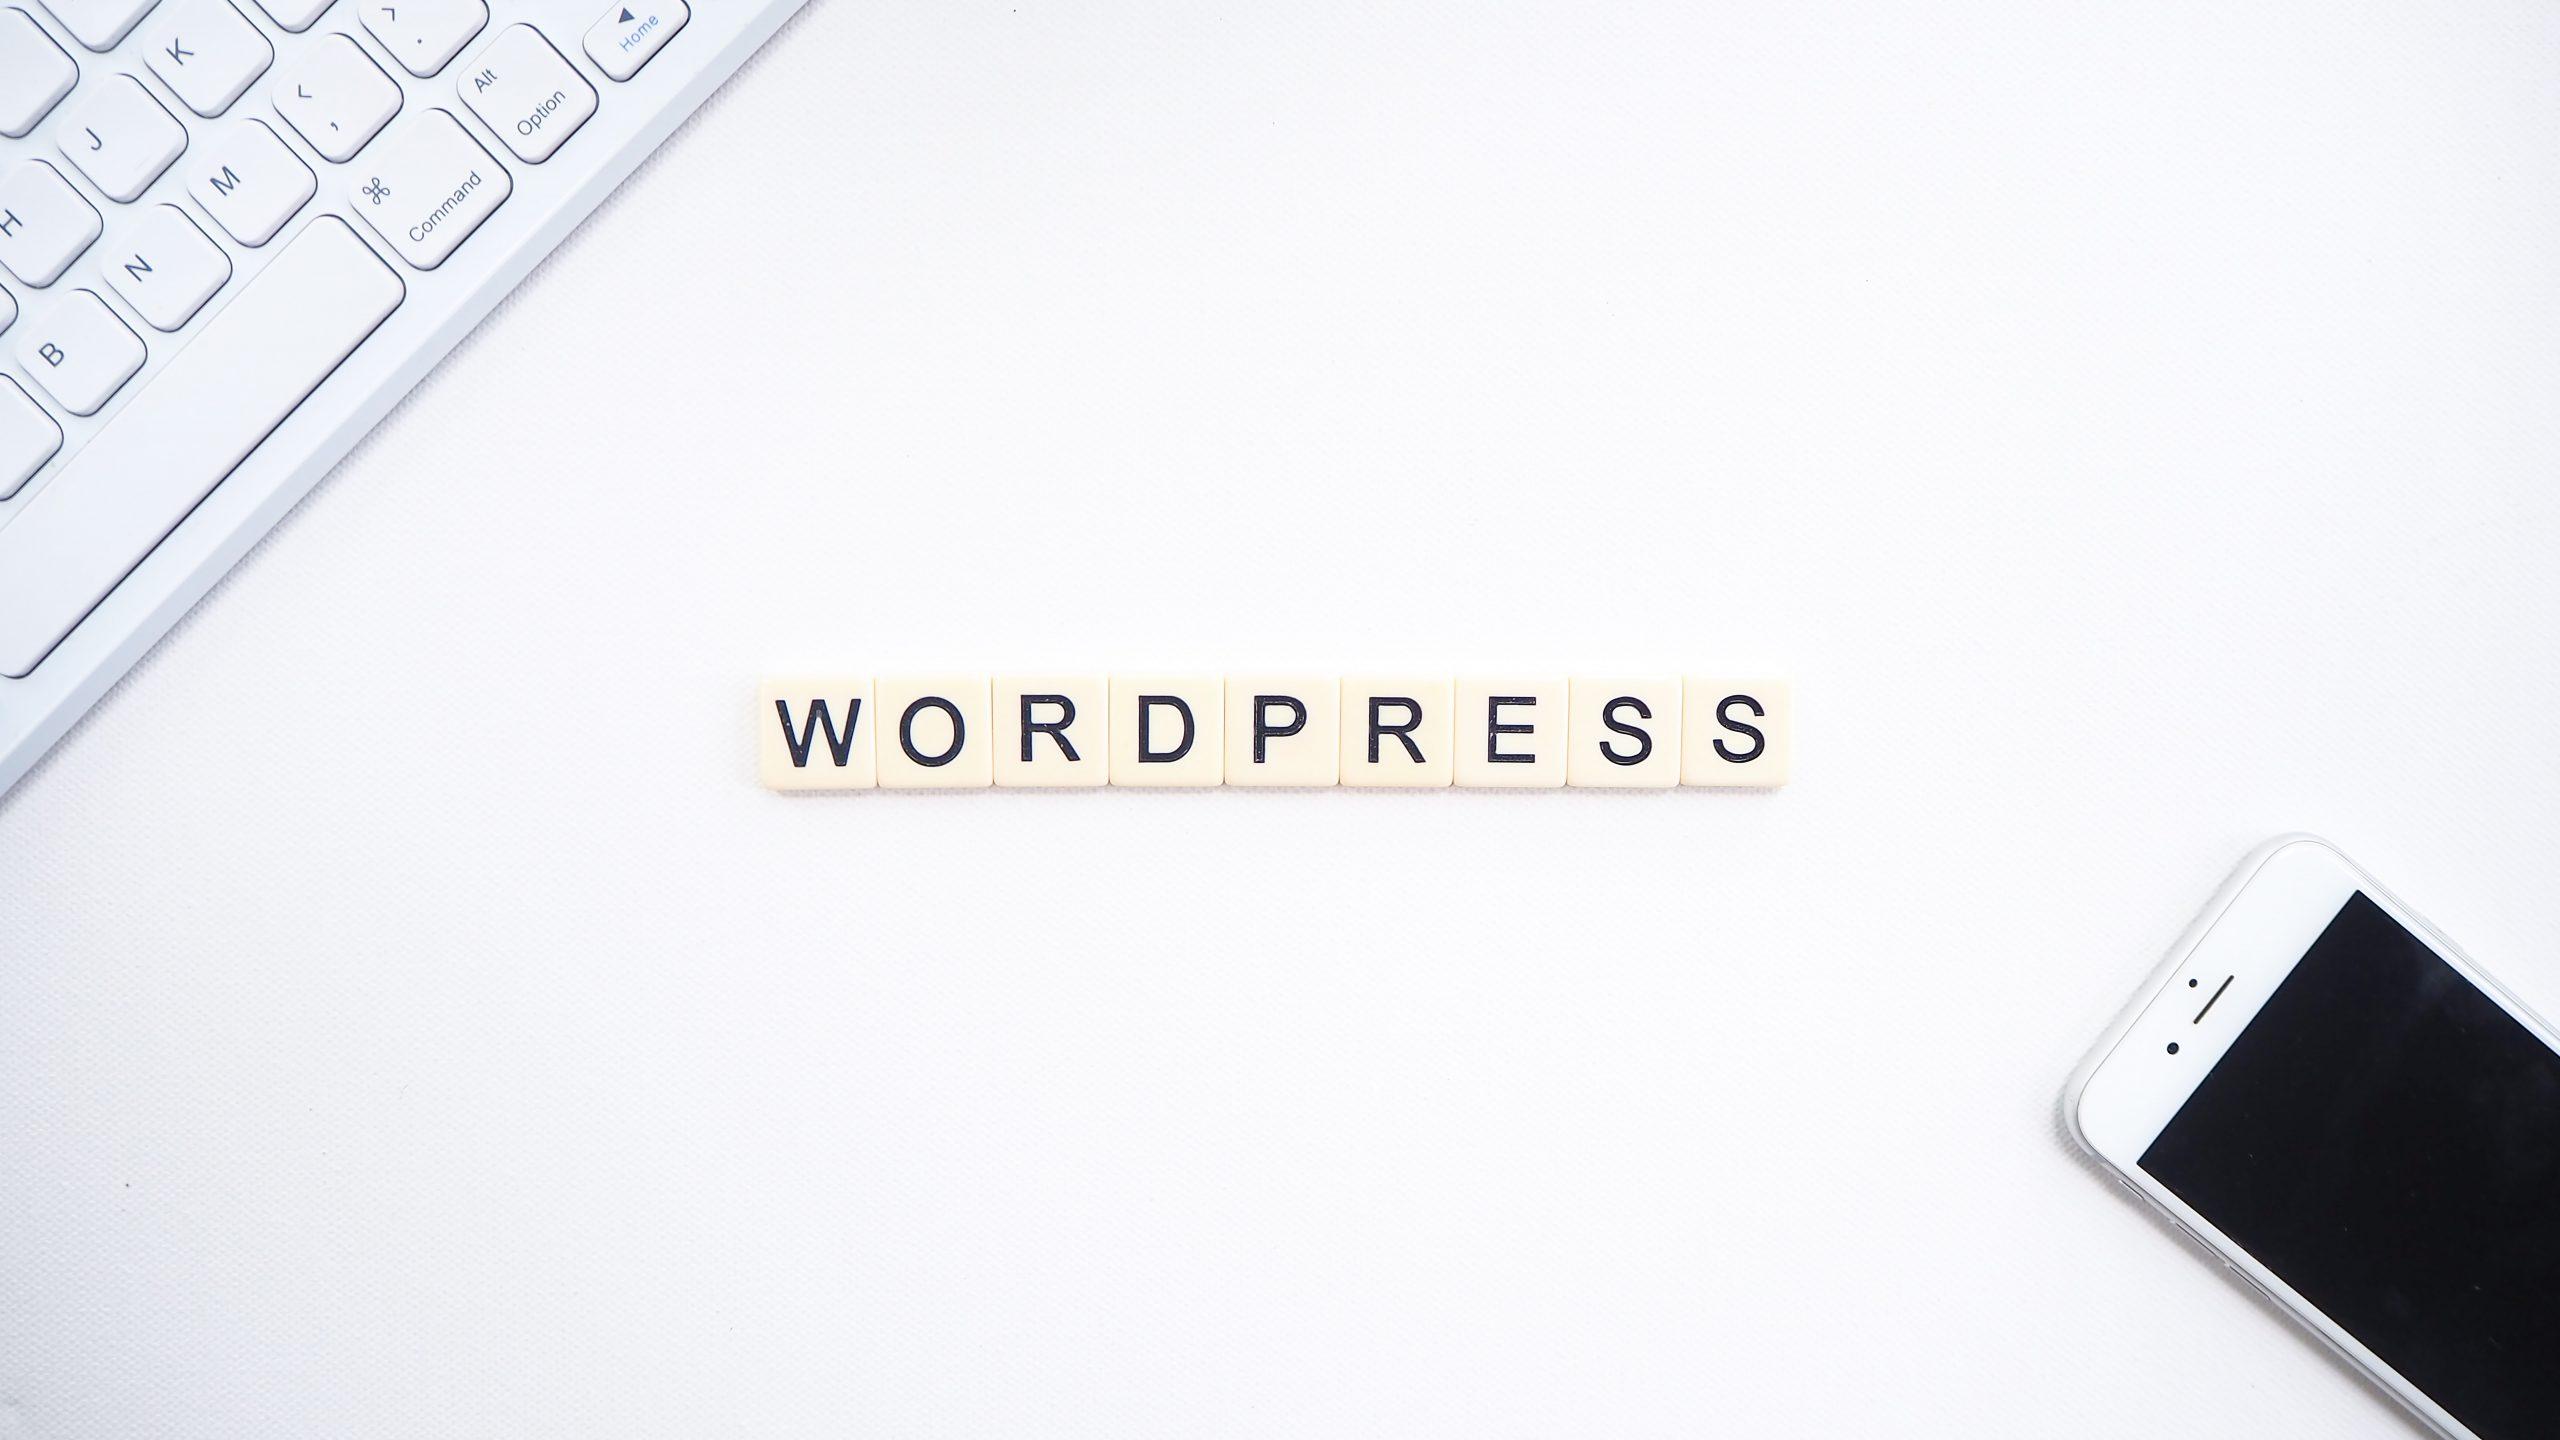 Miksi tehdä yrityksen verkkosivut WordPressillä?